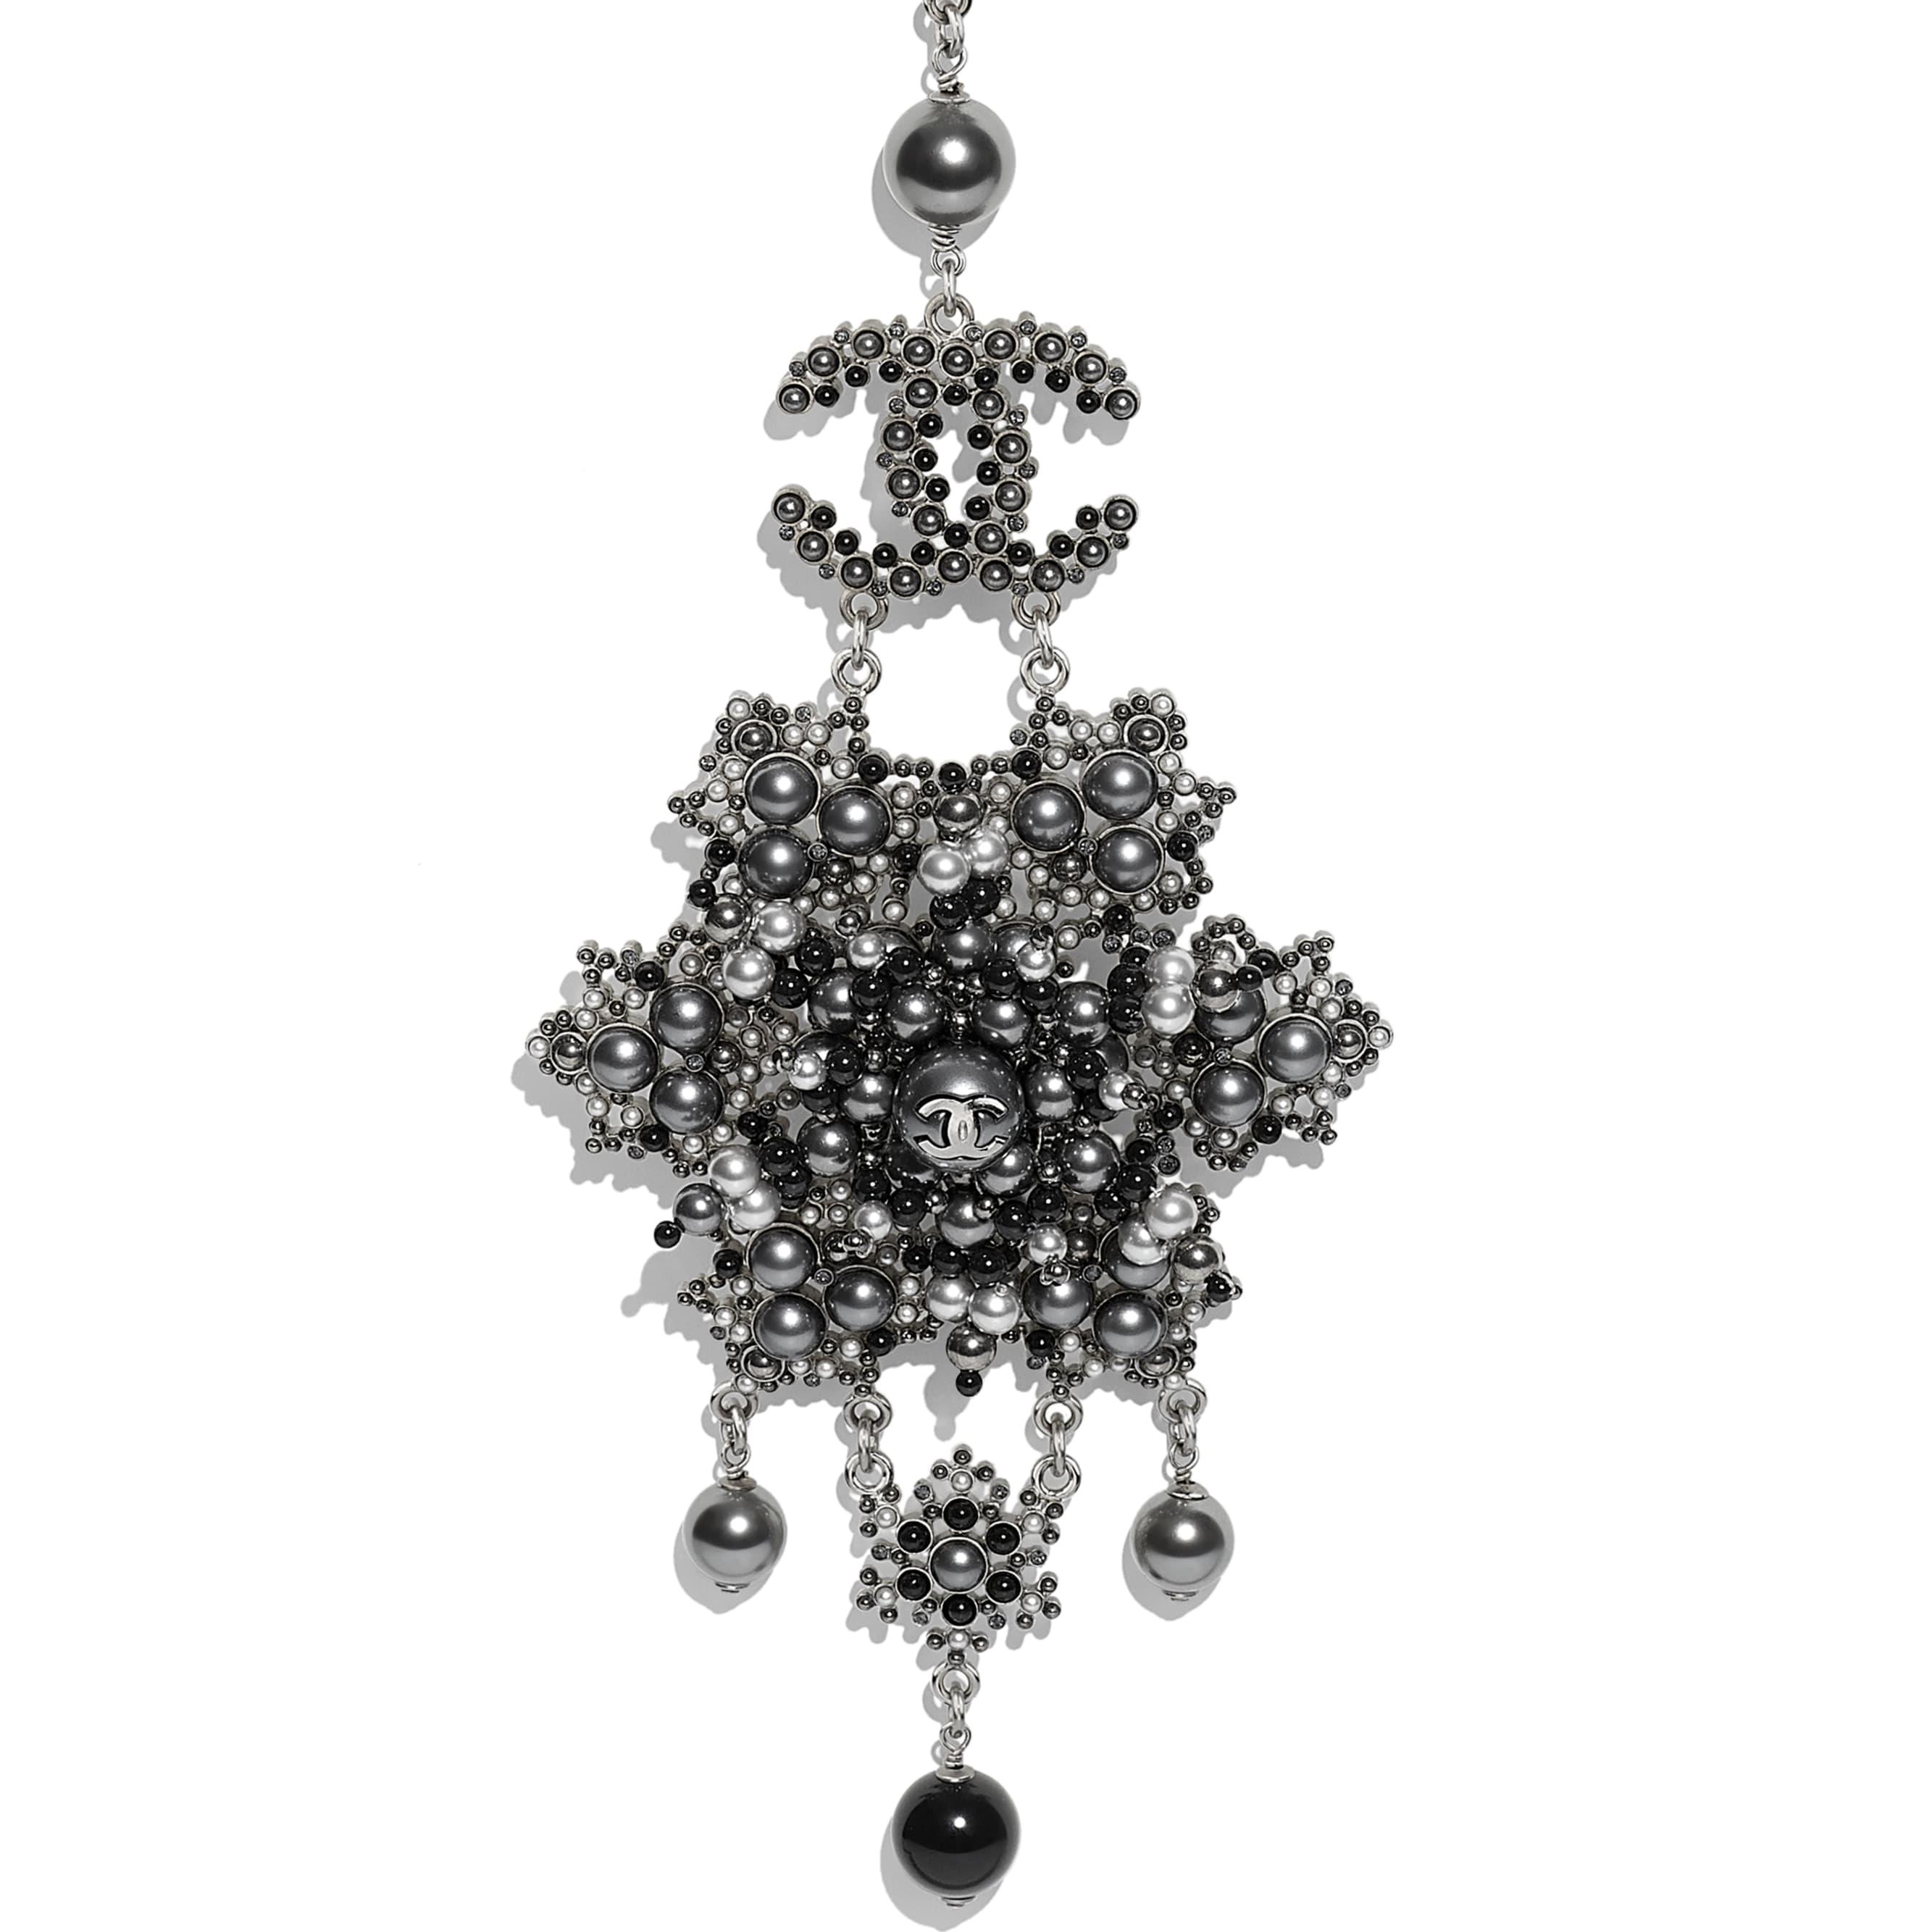 Колье - Серебристый, черный и серый - Металл, жемчуг и стразы - Другое изображение - посмотреть изображение стандартного размера